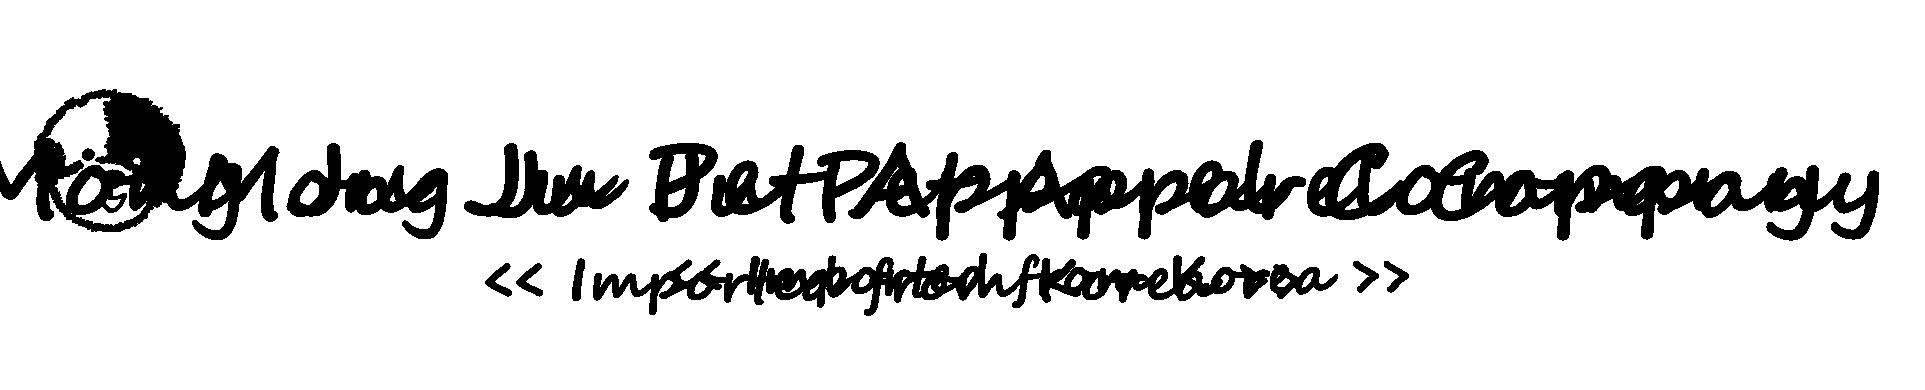 Mongjuju